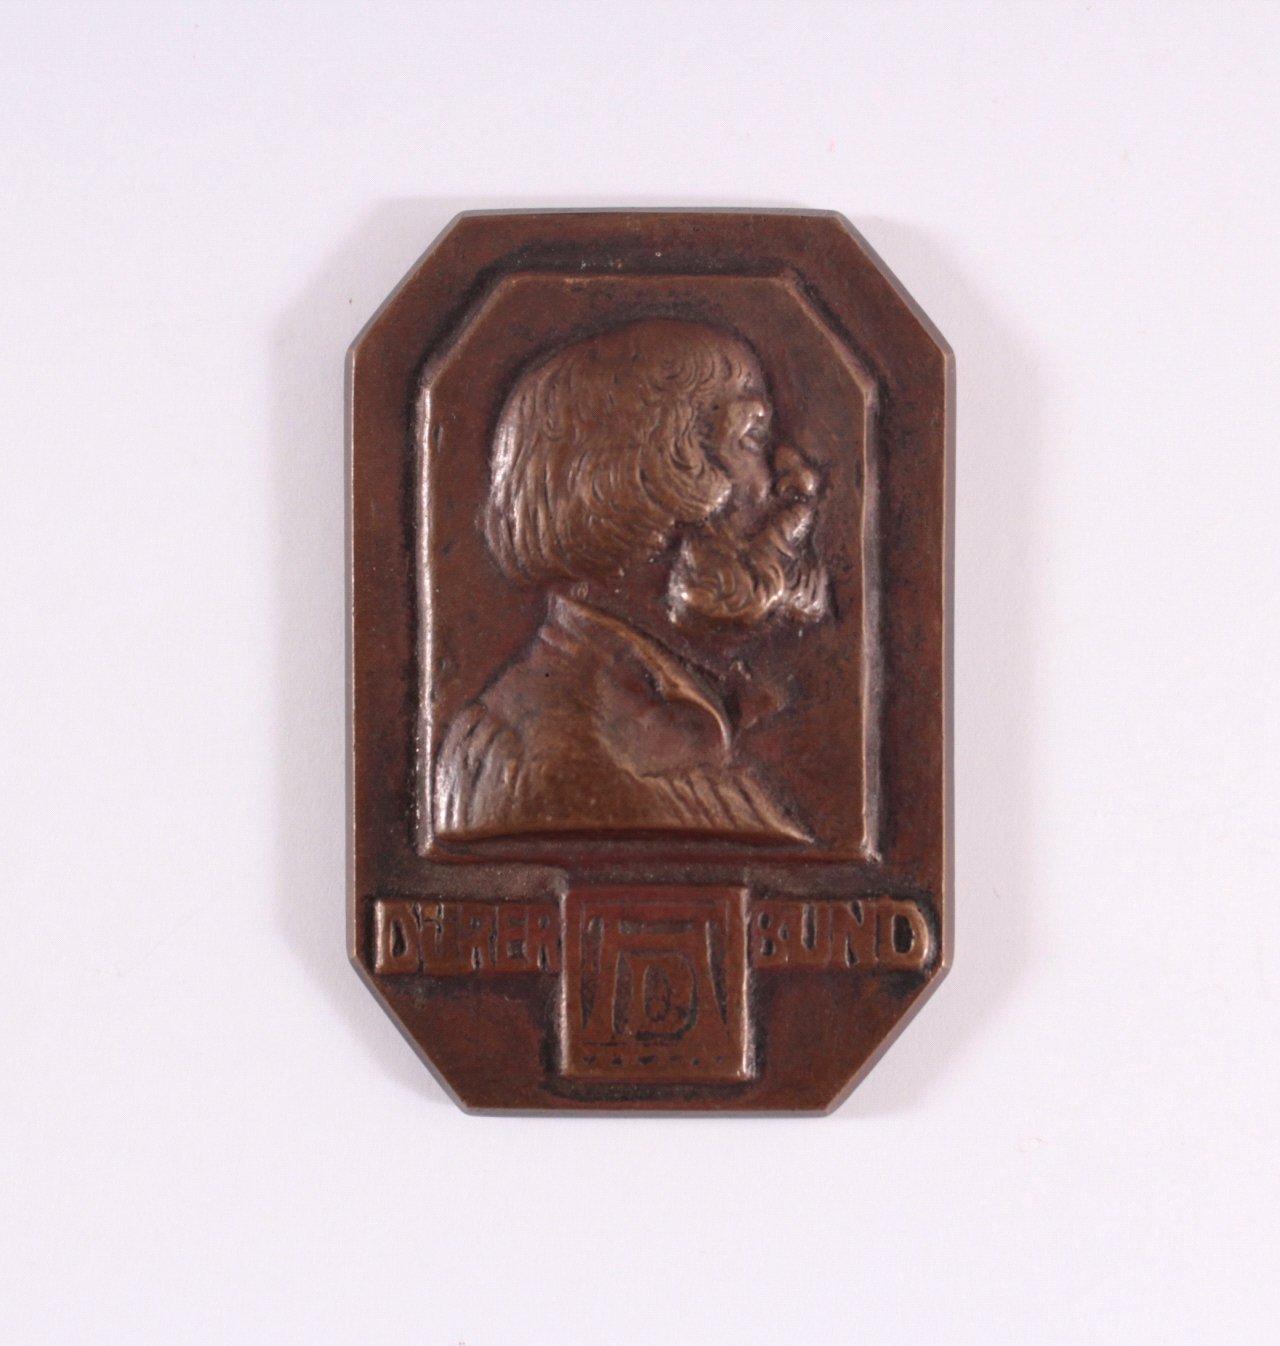 Plakette 10 Jahre Dürer Bund, 1902-1912